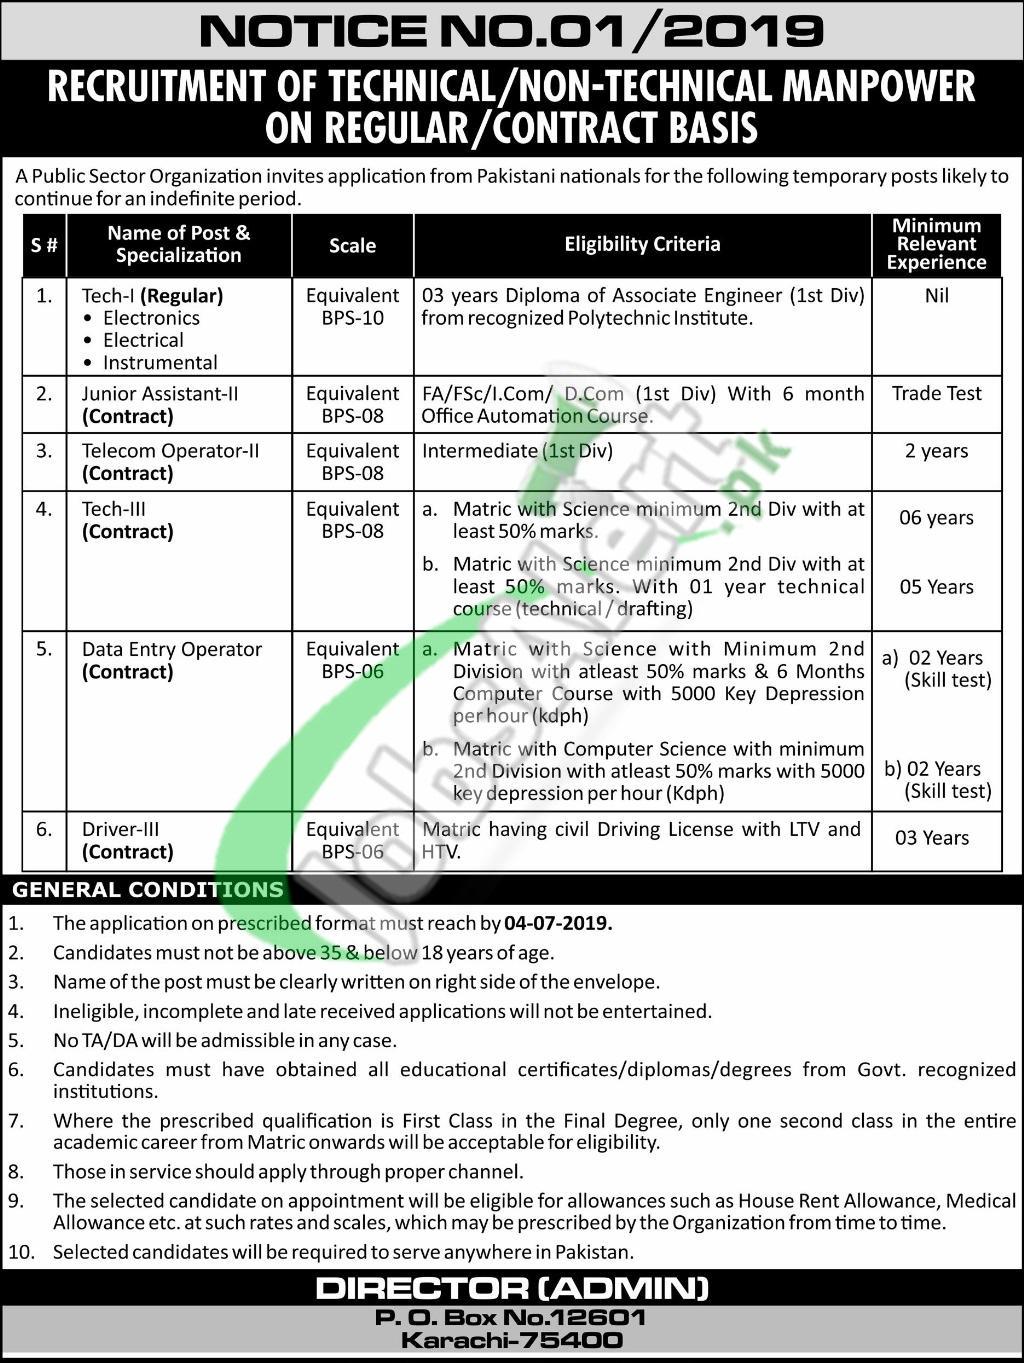 PO Box 12601 Karachi Jobs